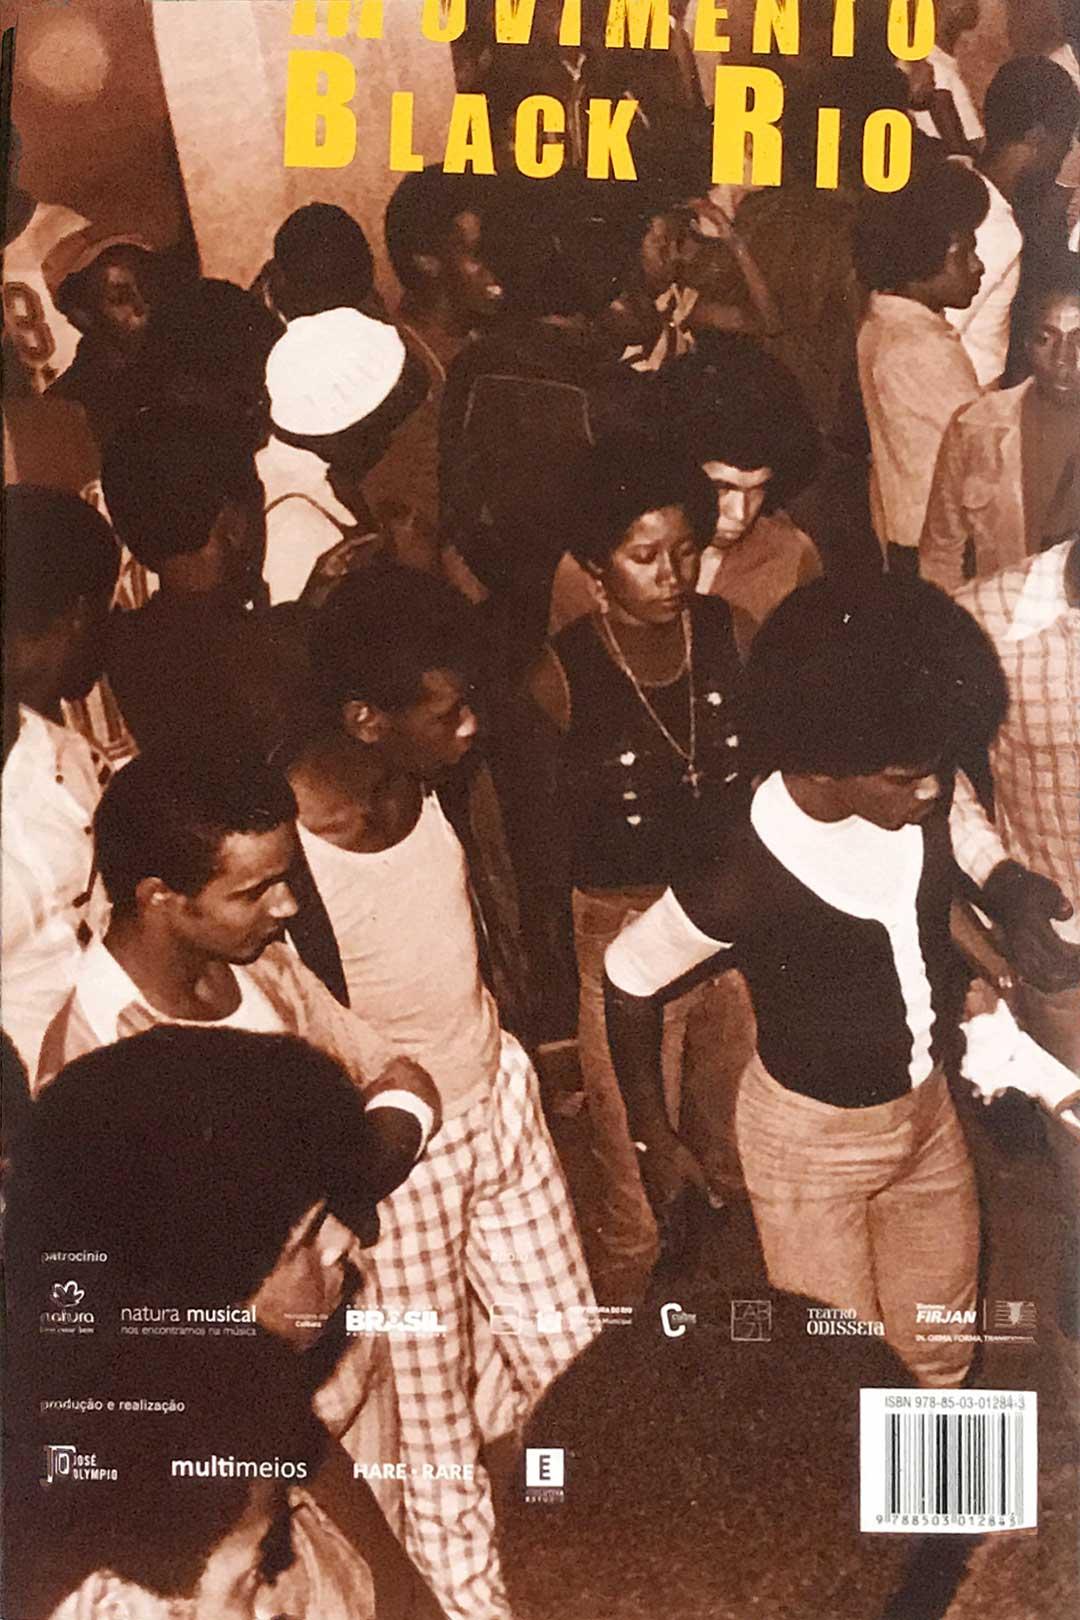 1976 Movimento Black Rio  - LiteraRUA